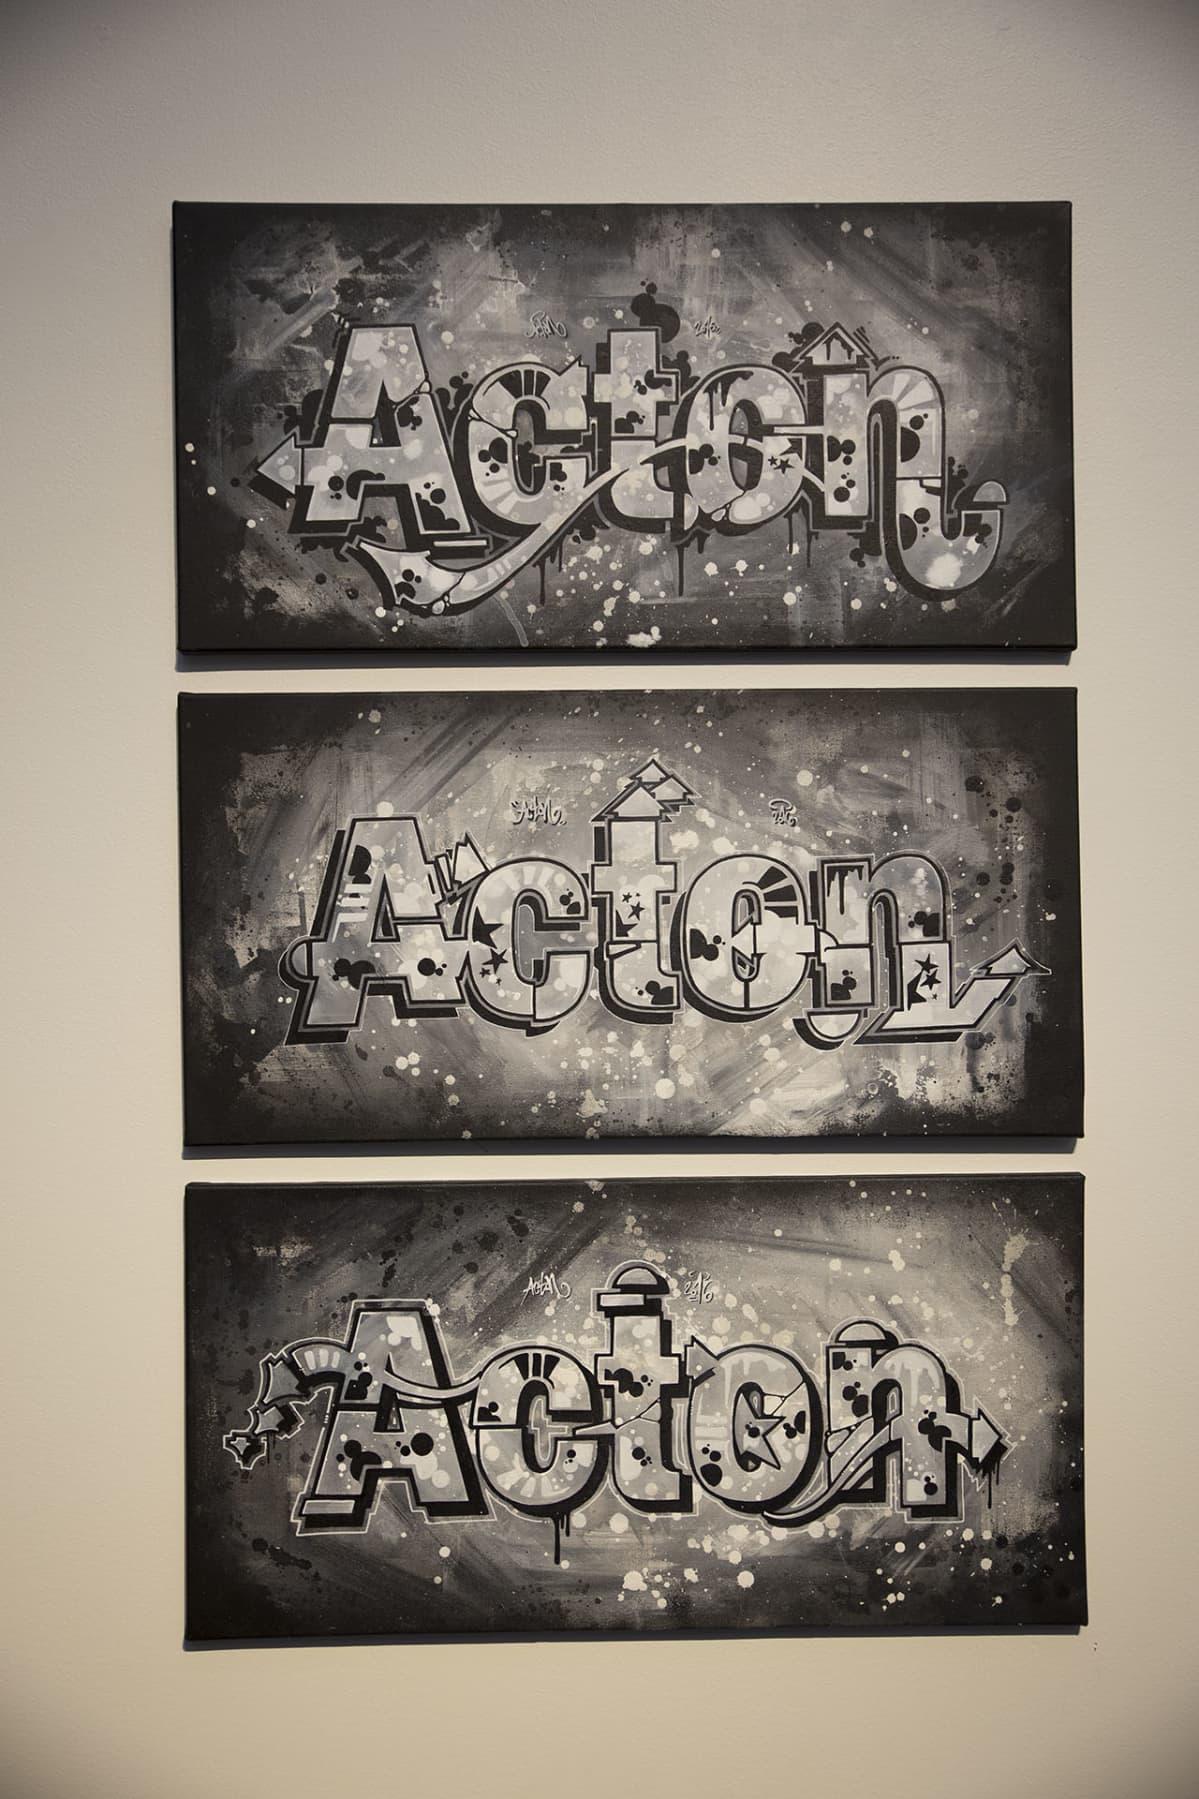 Acton, acton / helvetica p+1 acton / helvetica p+2 acton / helvetica p+3